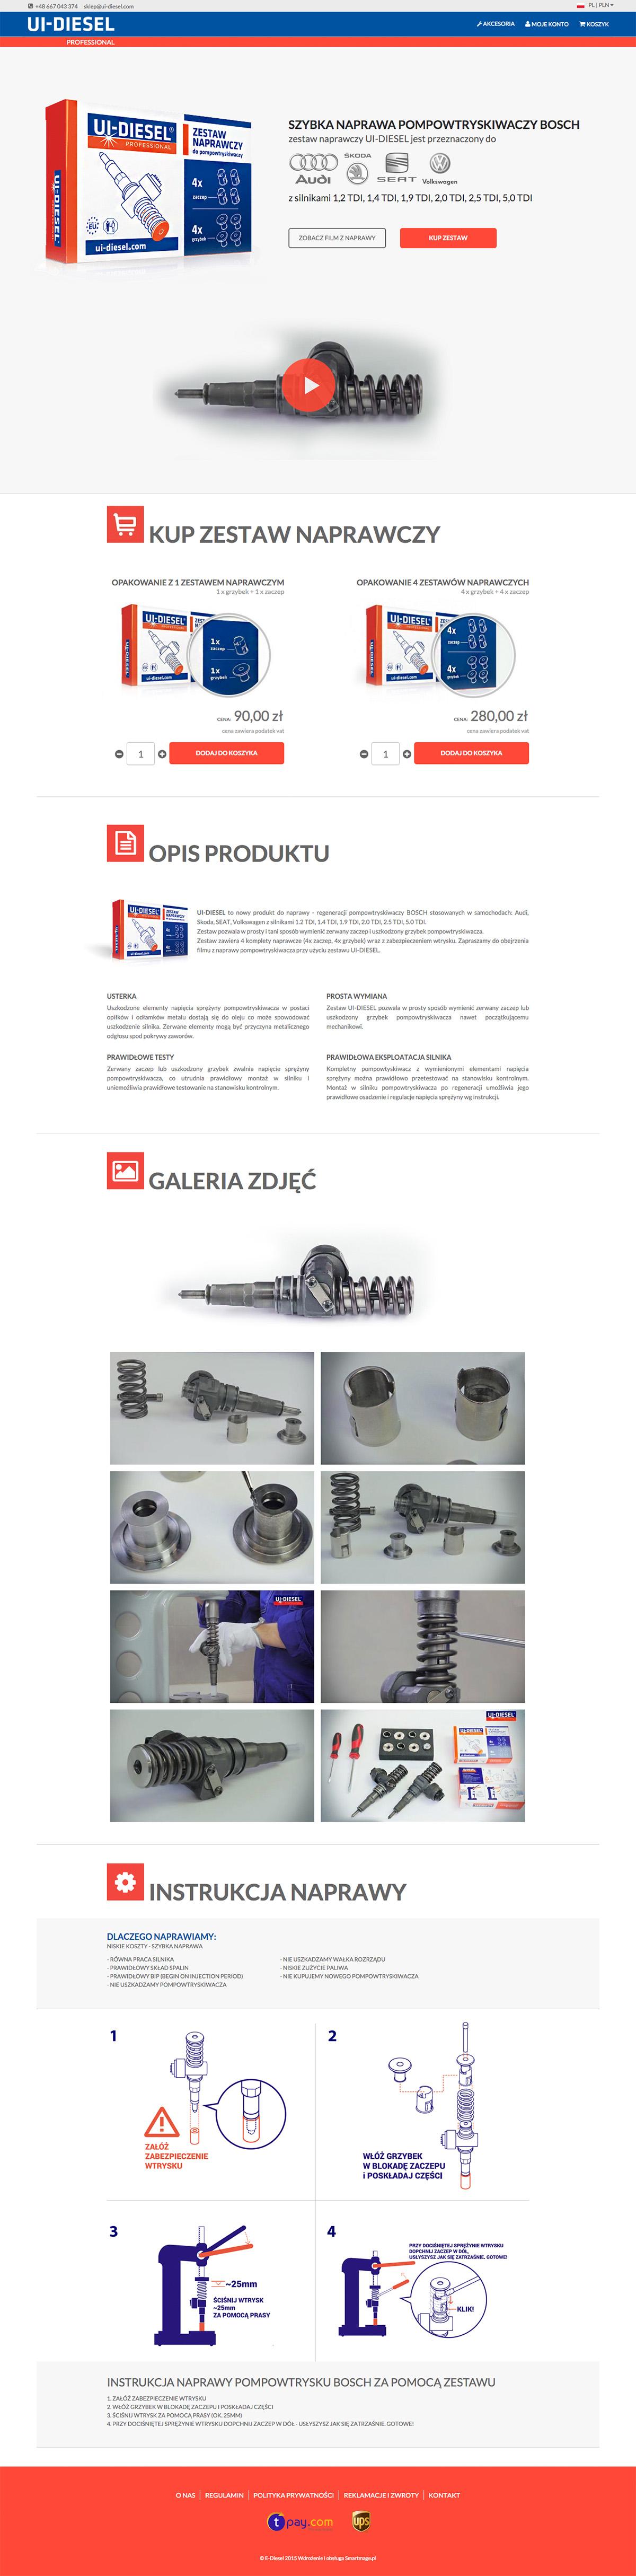 strona główna ui-diesel.com